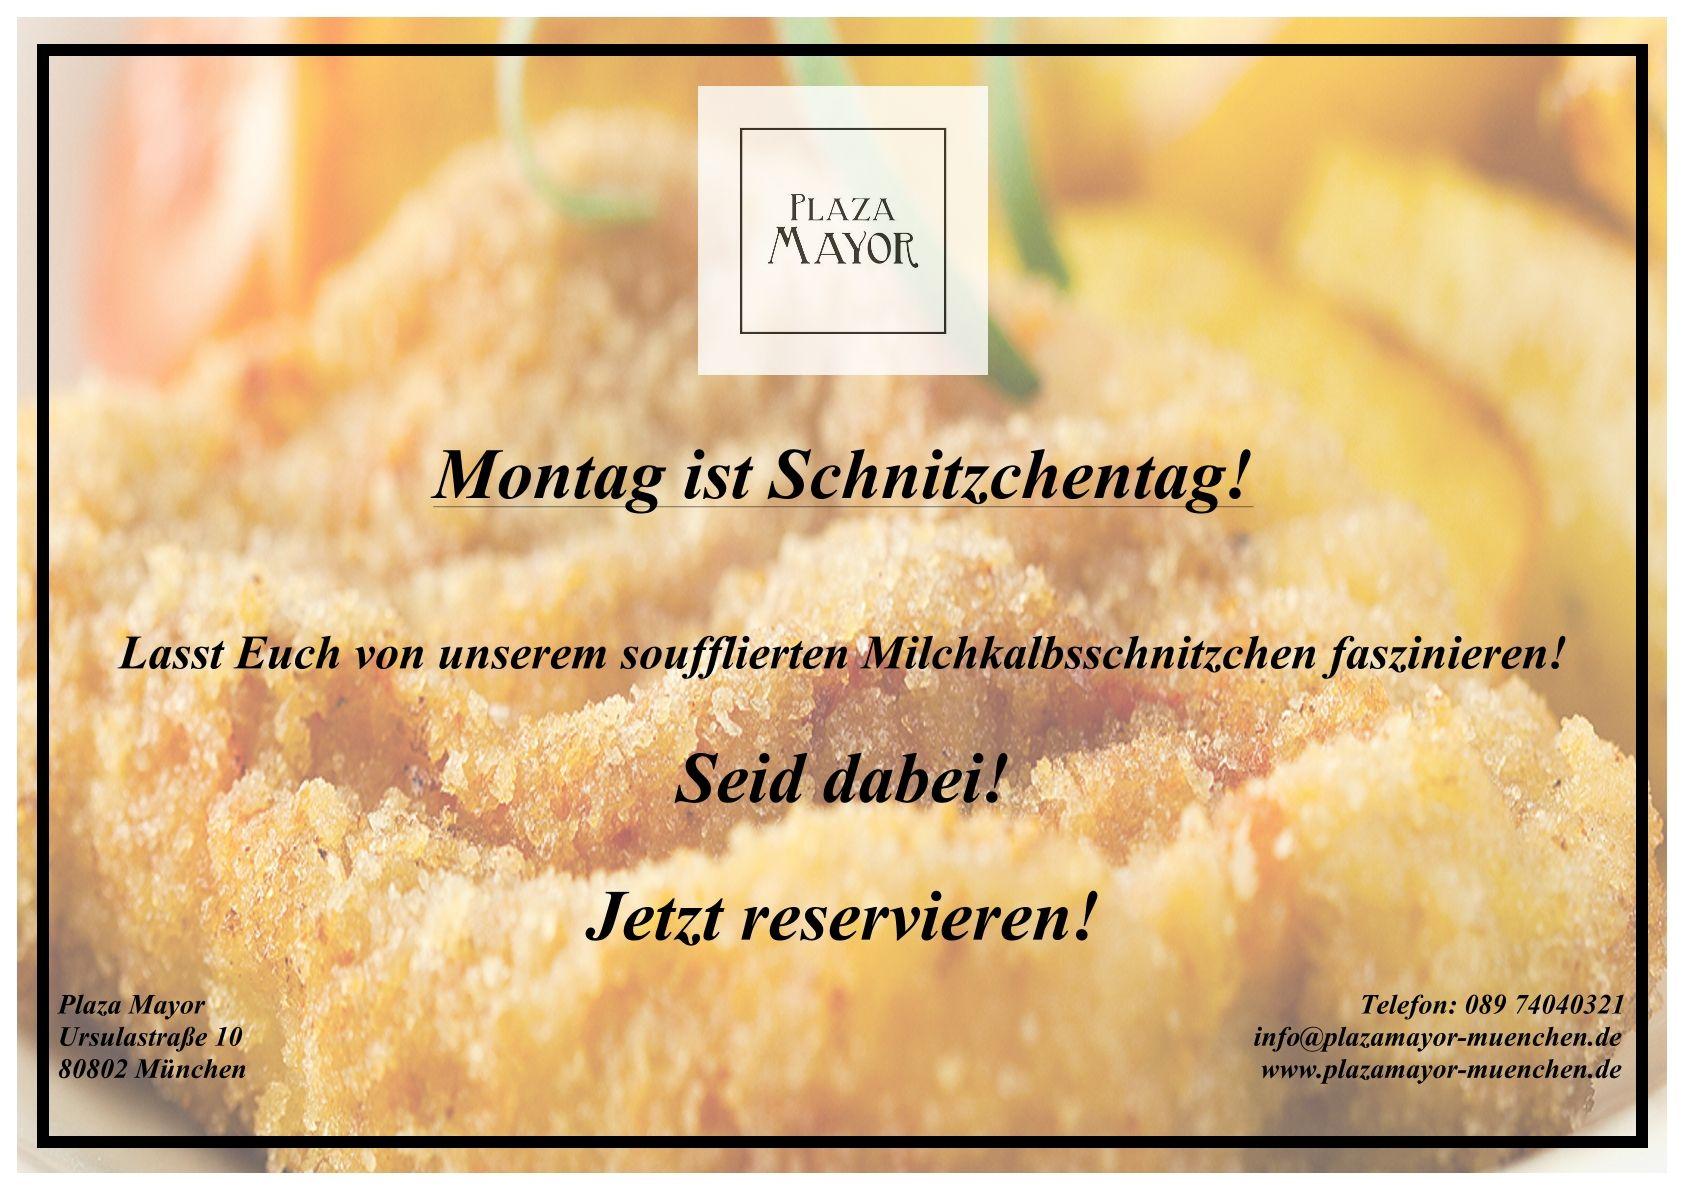 Heute ist es wieder soweit!   THE PLAZA TO BE !!   Plaza Mayor Restaurant  www.plazamayor-muenchen.de/ #Plazamayorrestaurant #Restaurant #Cocktailbar #Muenchen #Schwabing #Eventlocation #Munich #Newopening